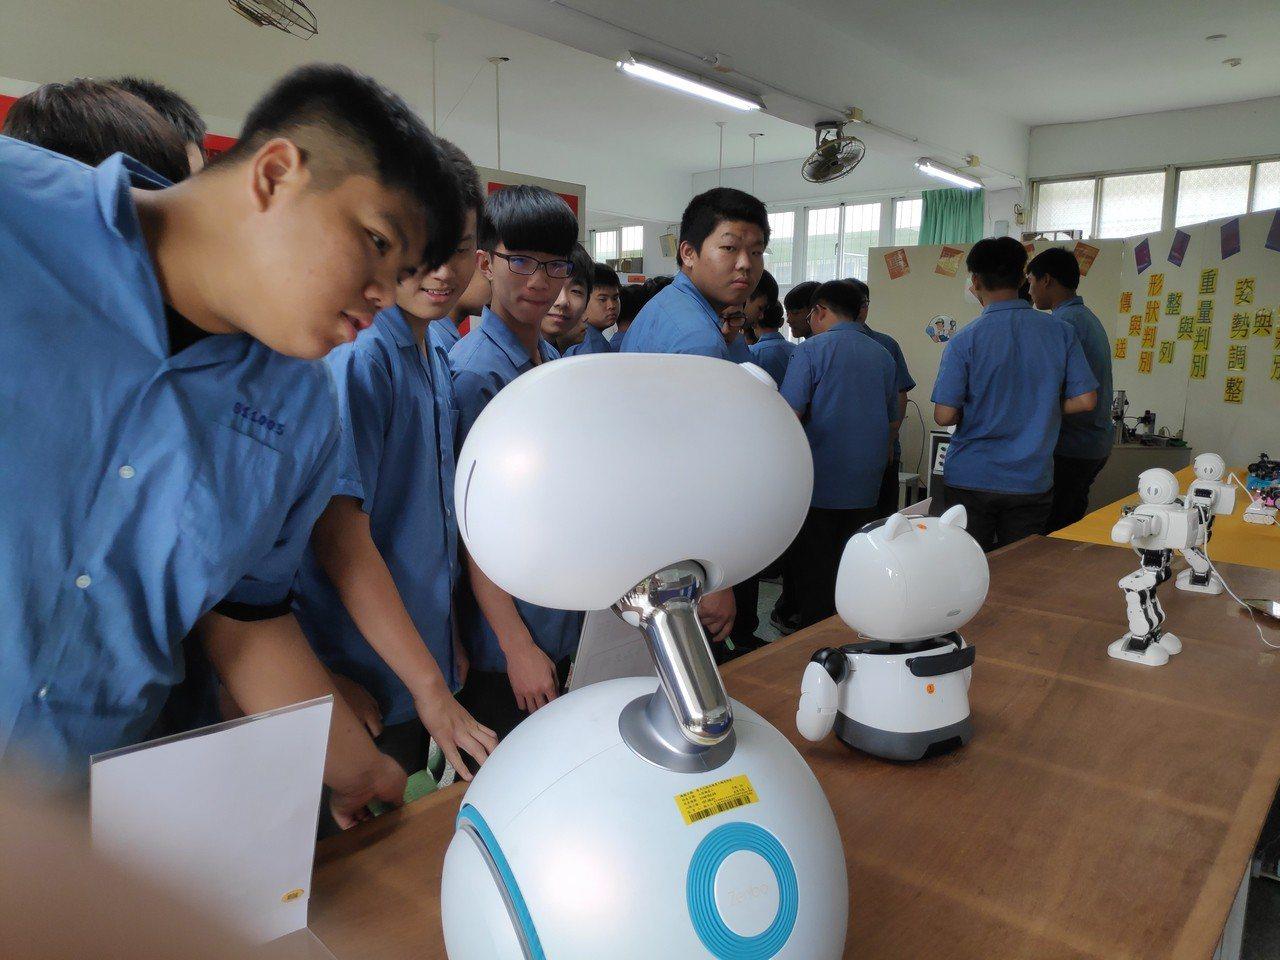 進入AI時代,農機科學生對機器人製作和研究,有滿滿的好奇和研製成果。記者蔡維斌/...